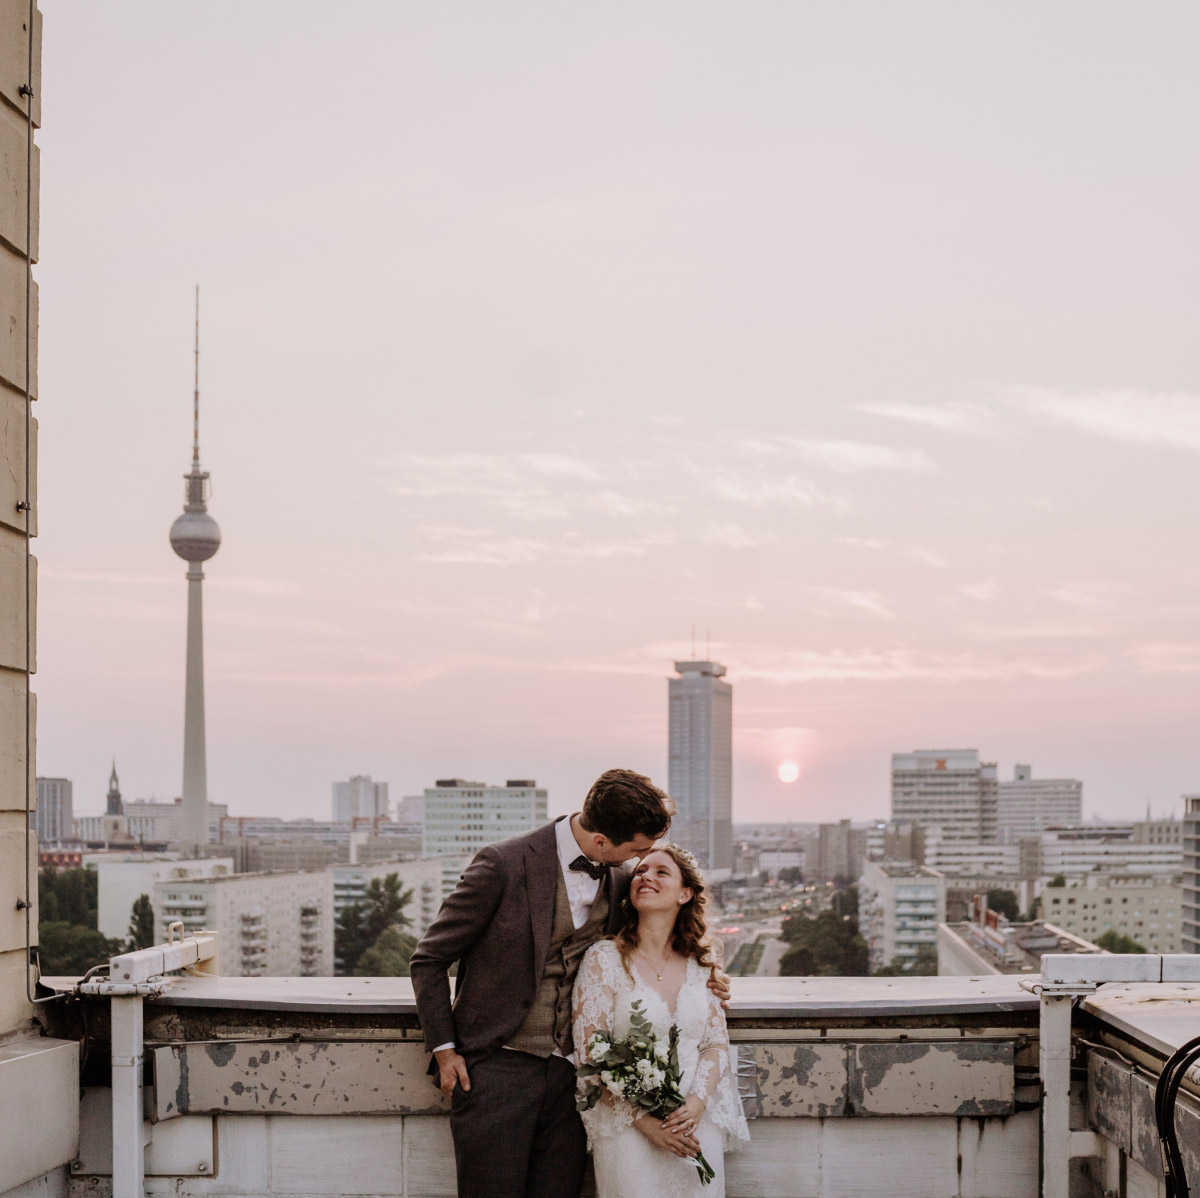 Standesamt Berlin Hochzeit - Corona Hochzeit im Standesamt Berlin Gärten der Welt Chinesischer Garten - mehr im Blog von Hochzeitsfotografin Berlin © www.hochzeitslicht.de #hochzeitslicht